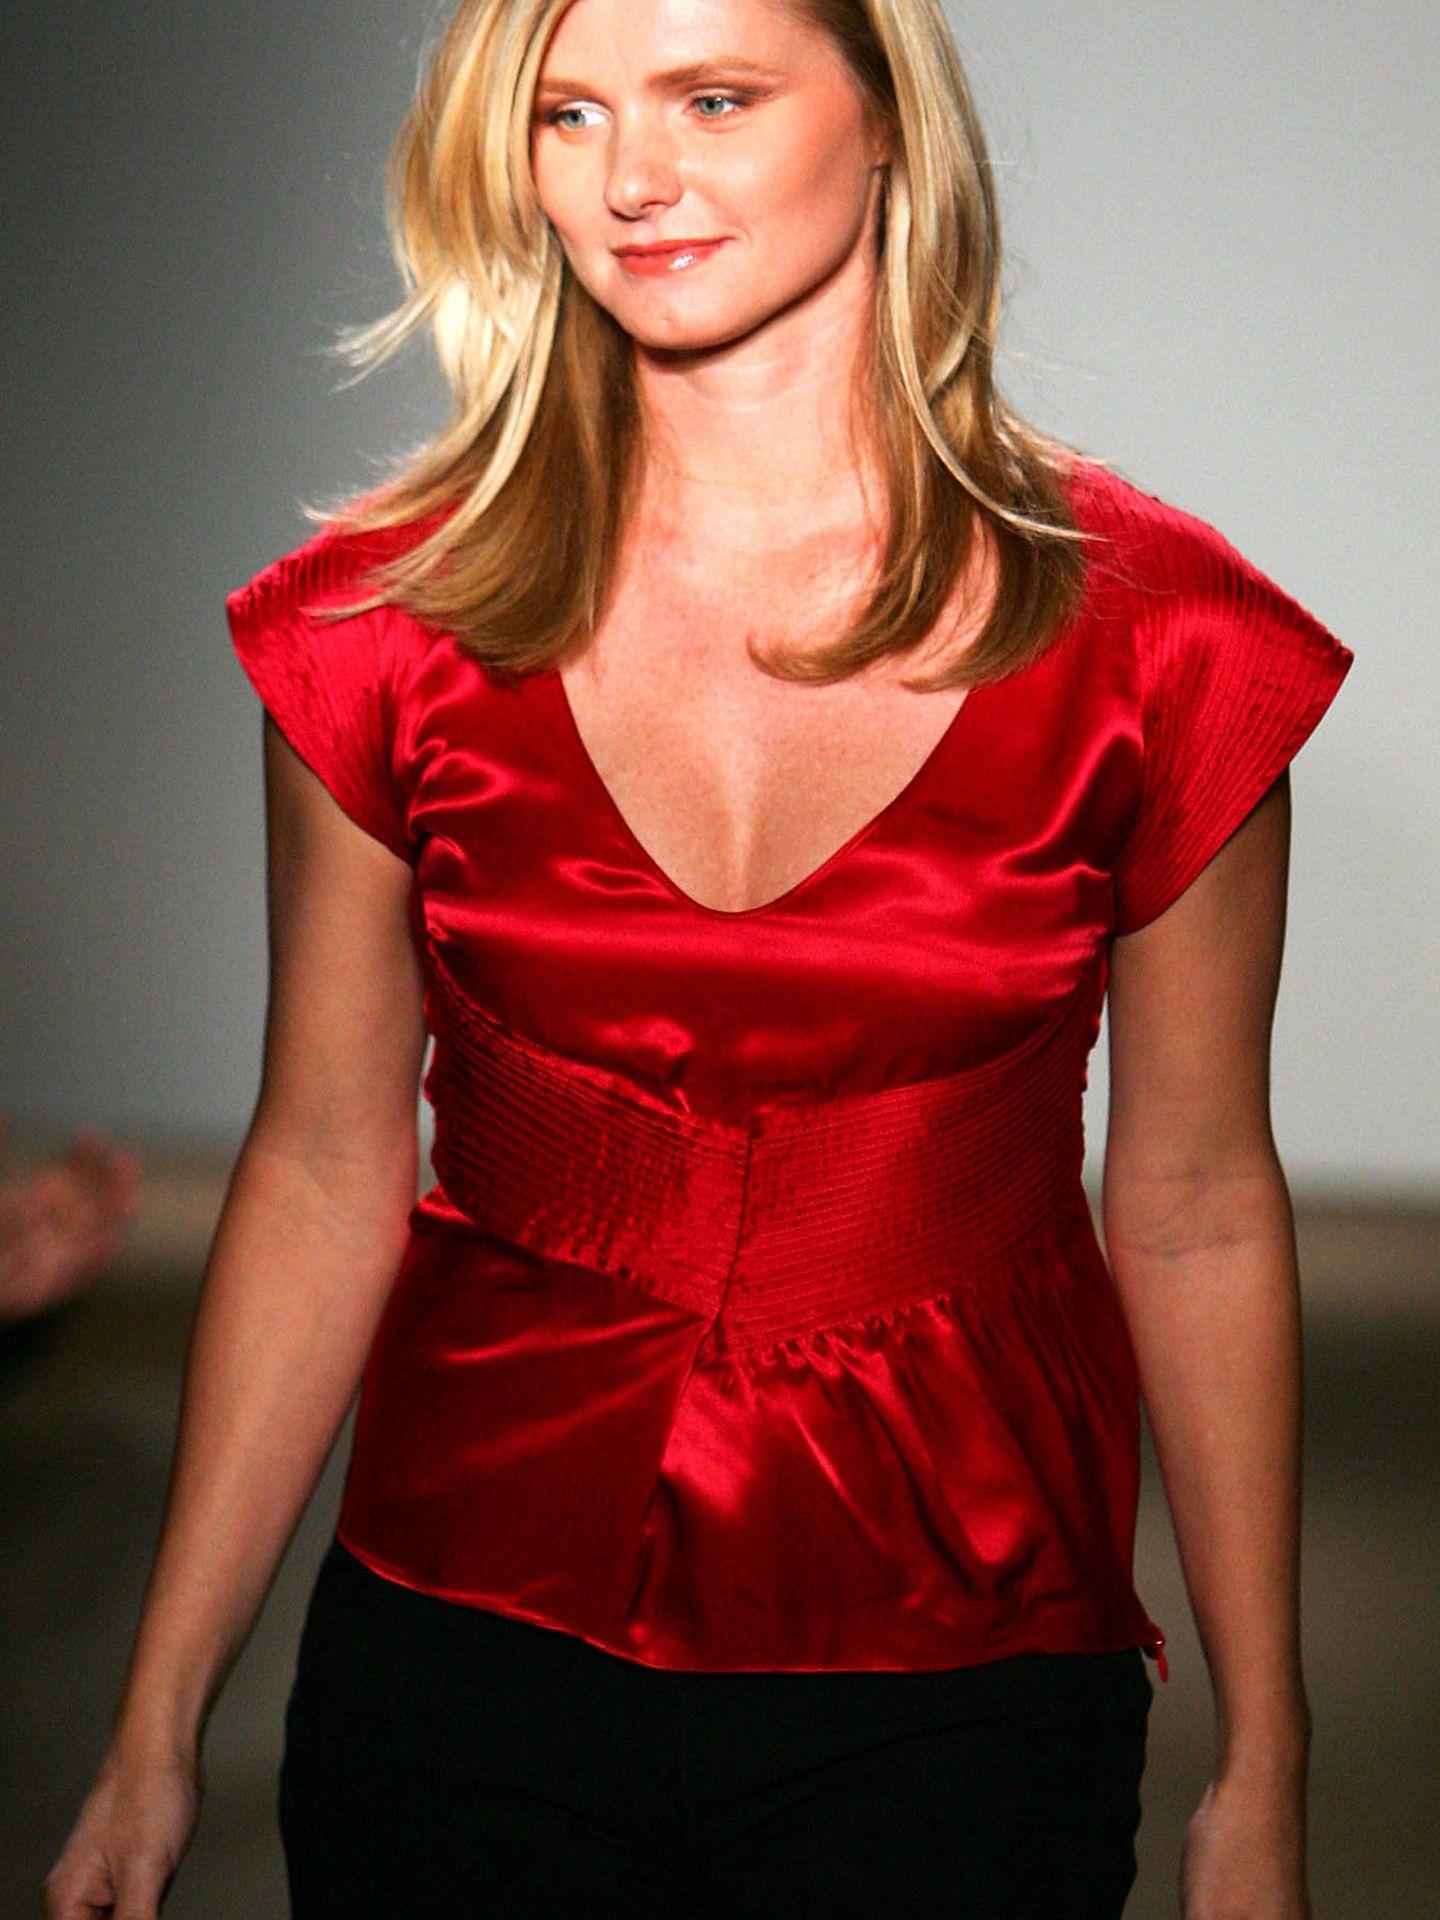 La empresaria Beatrice Trussardi. (Reuters)